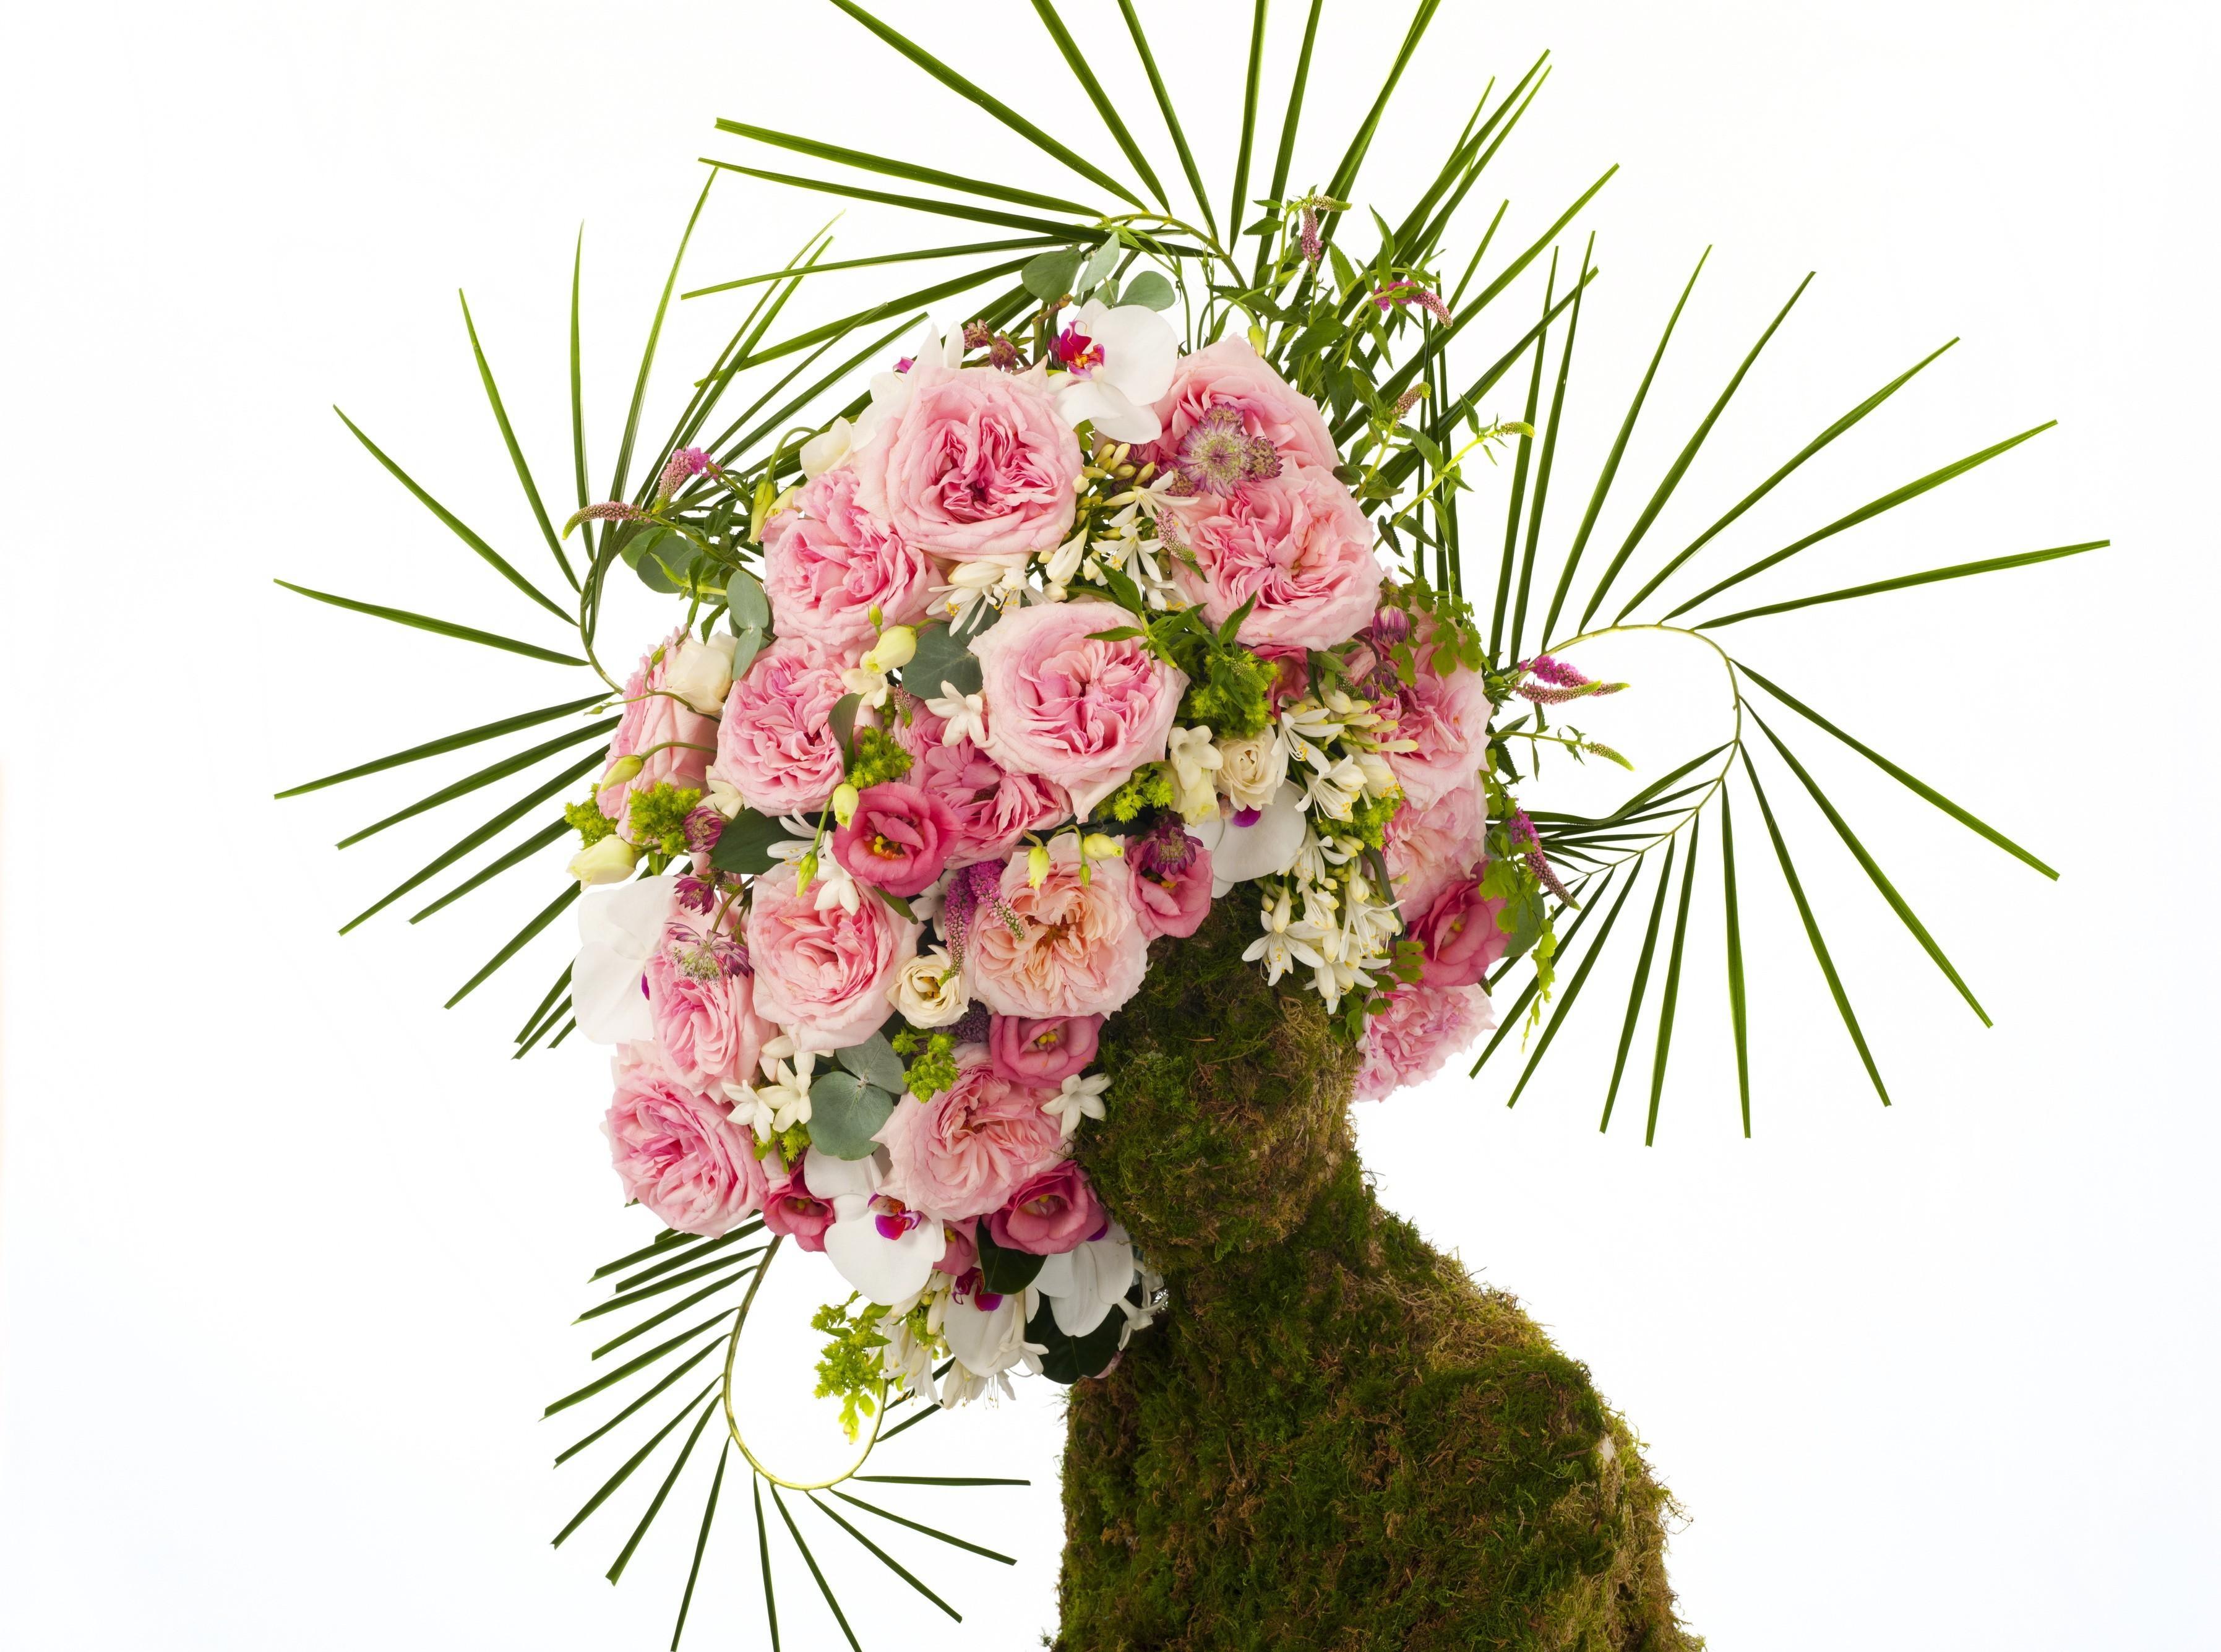 fond d 39 cran bois branche art fleur plante des roses composition plante terrestre. Black Bedroom Furniture Sets. Home Design Ideas